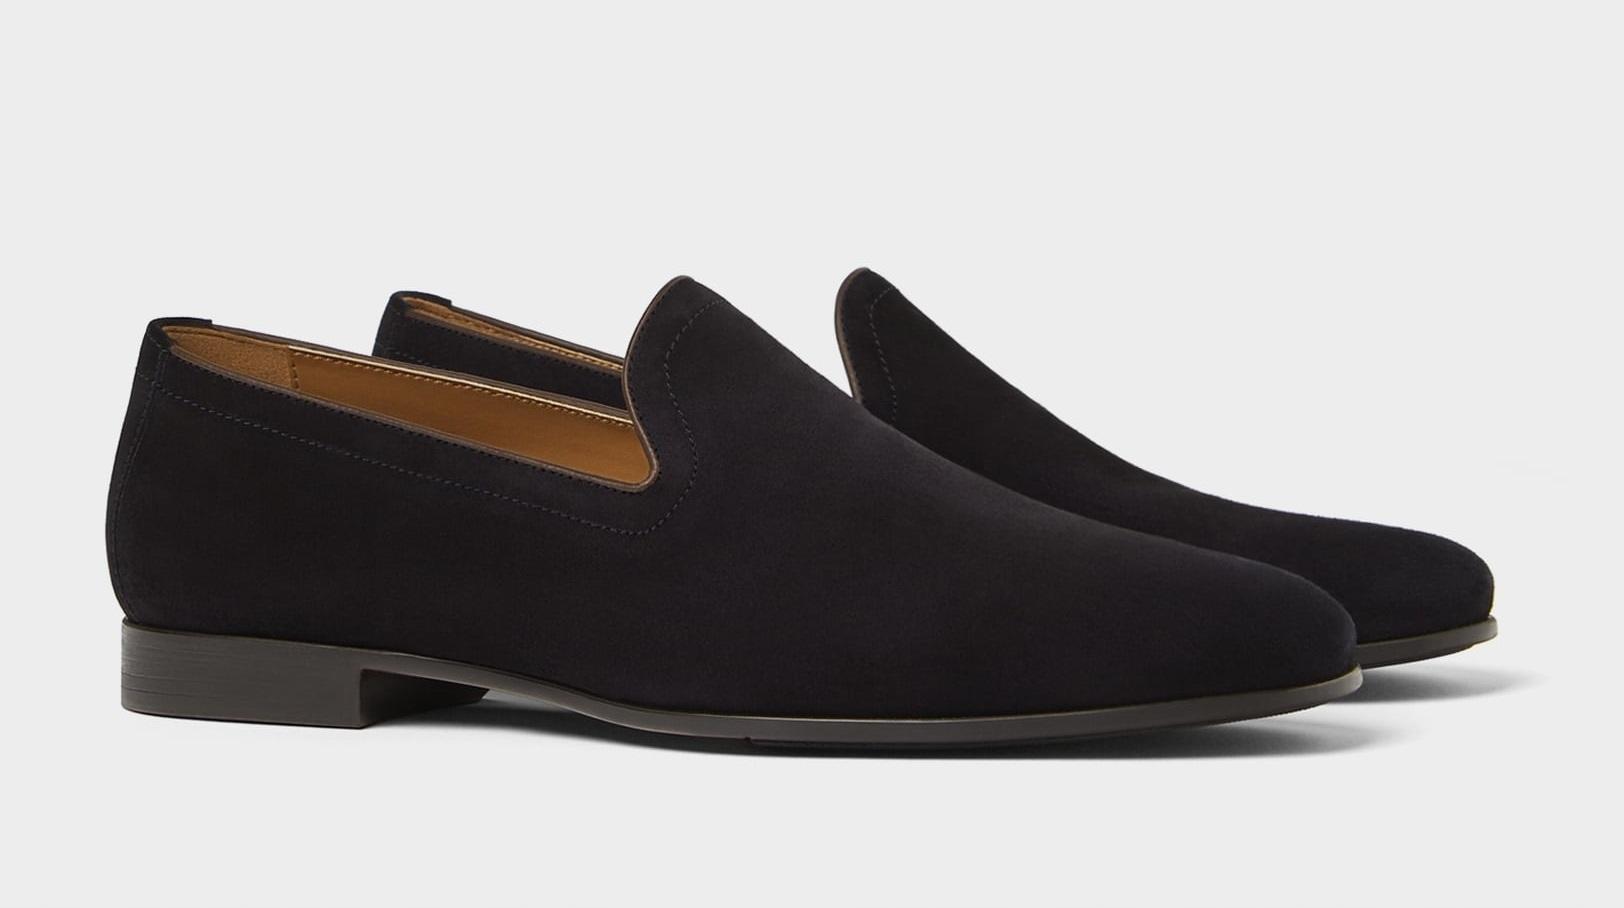 ZARA męskie buty mokasyny skórzane soft zamsz 43